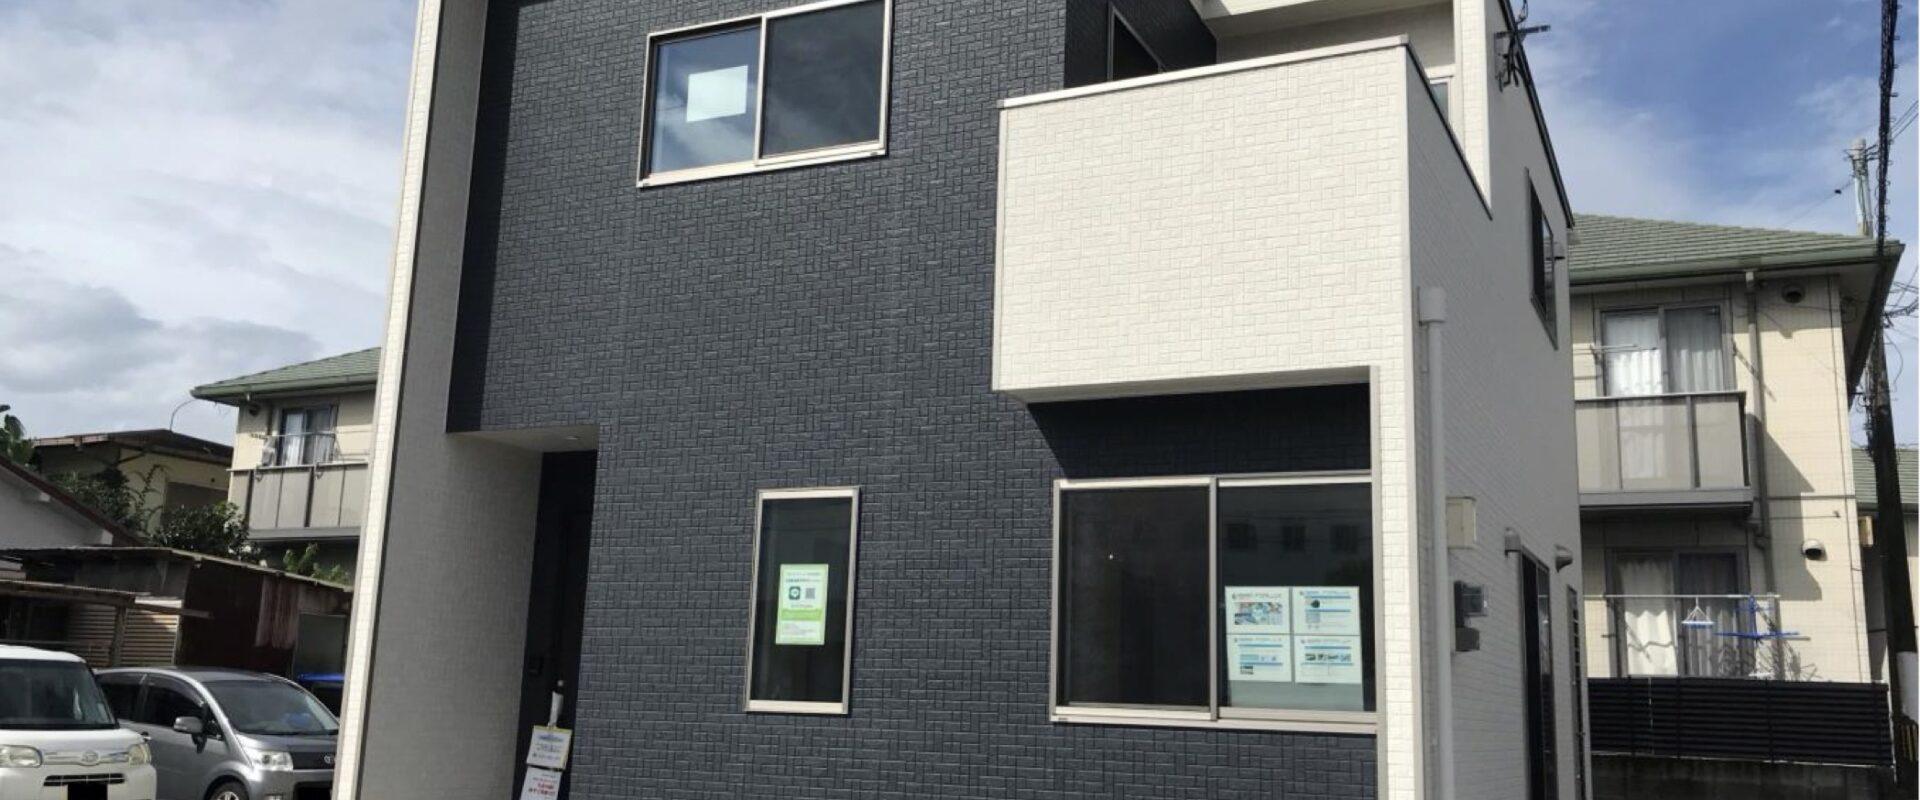 パーマリンク先: オープンハウス開催★田吉 新築 (3LDK)